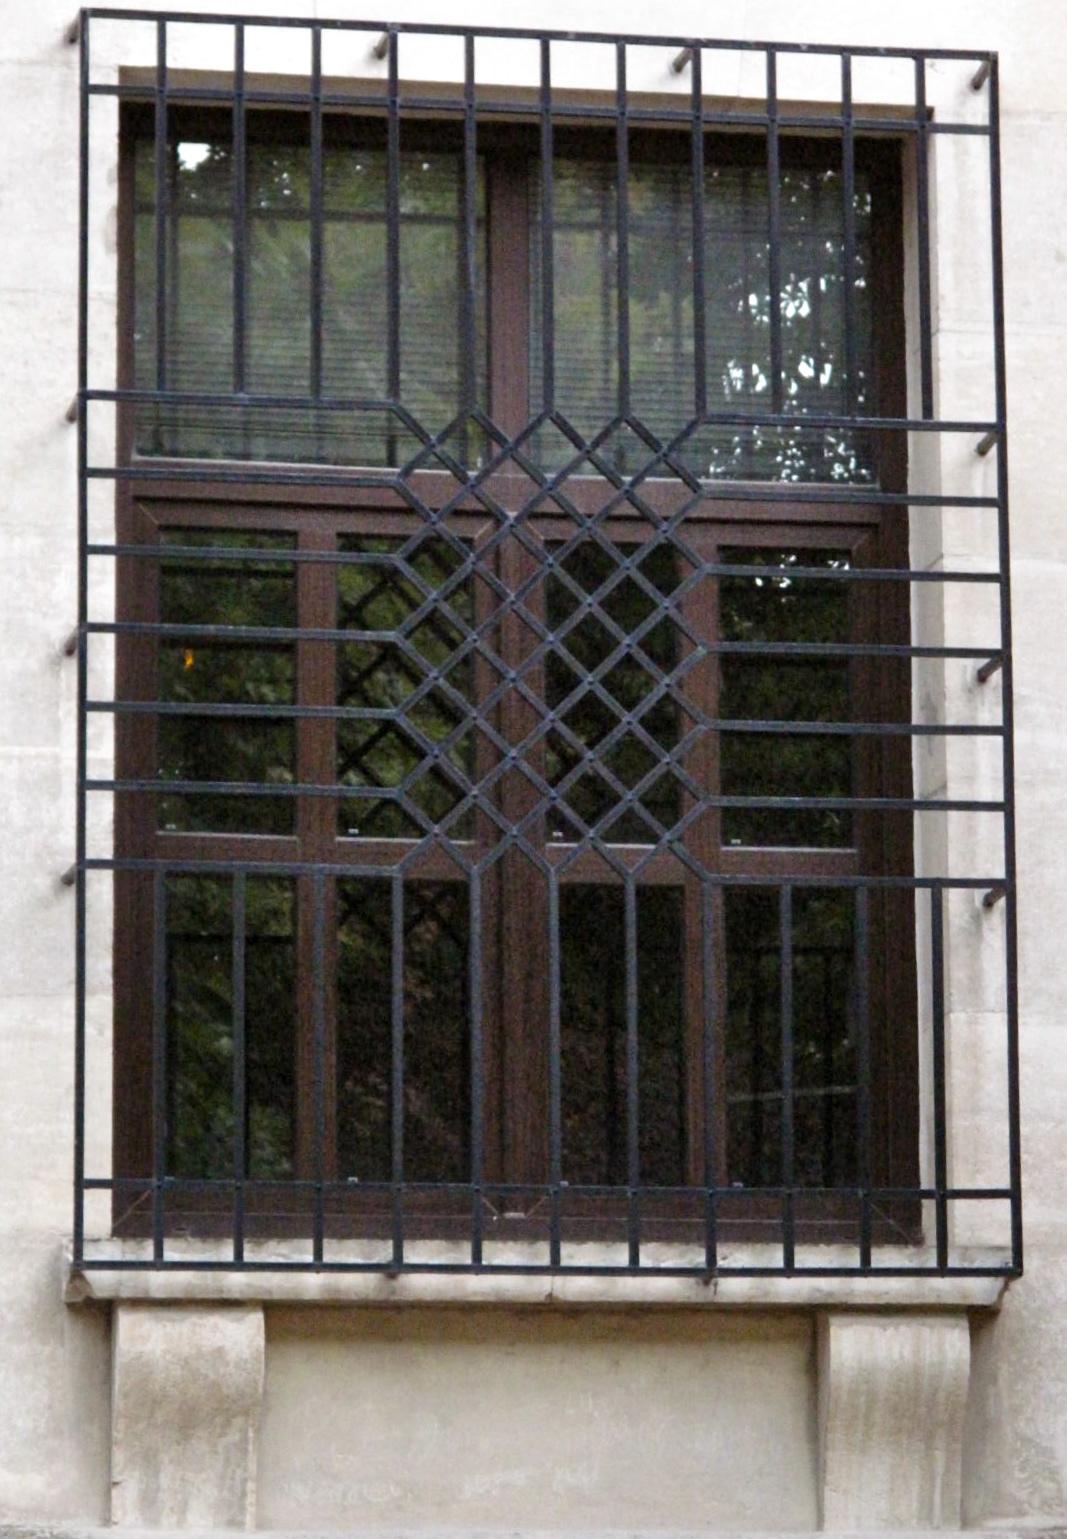 Ateneo multicultural balcones y ventanas enrejadas en las - Rejas para balcones ...